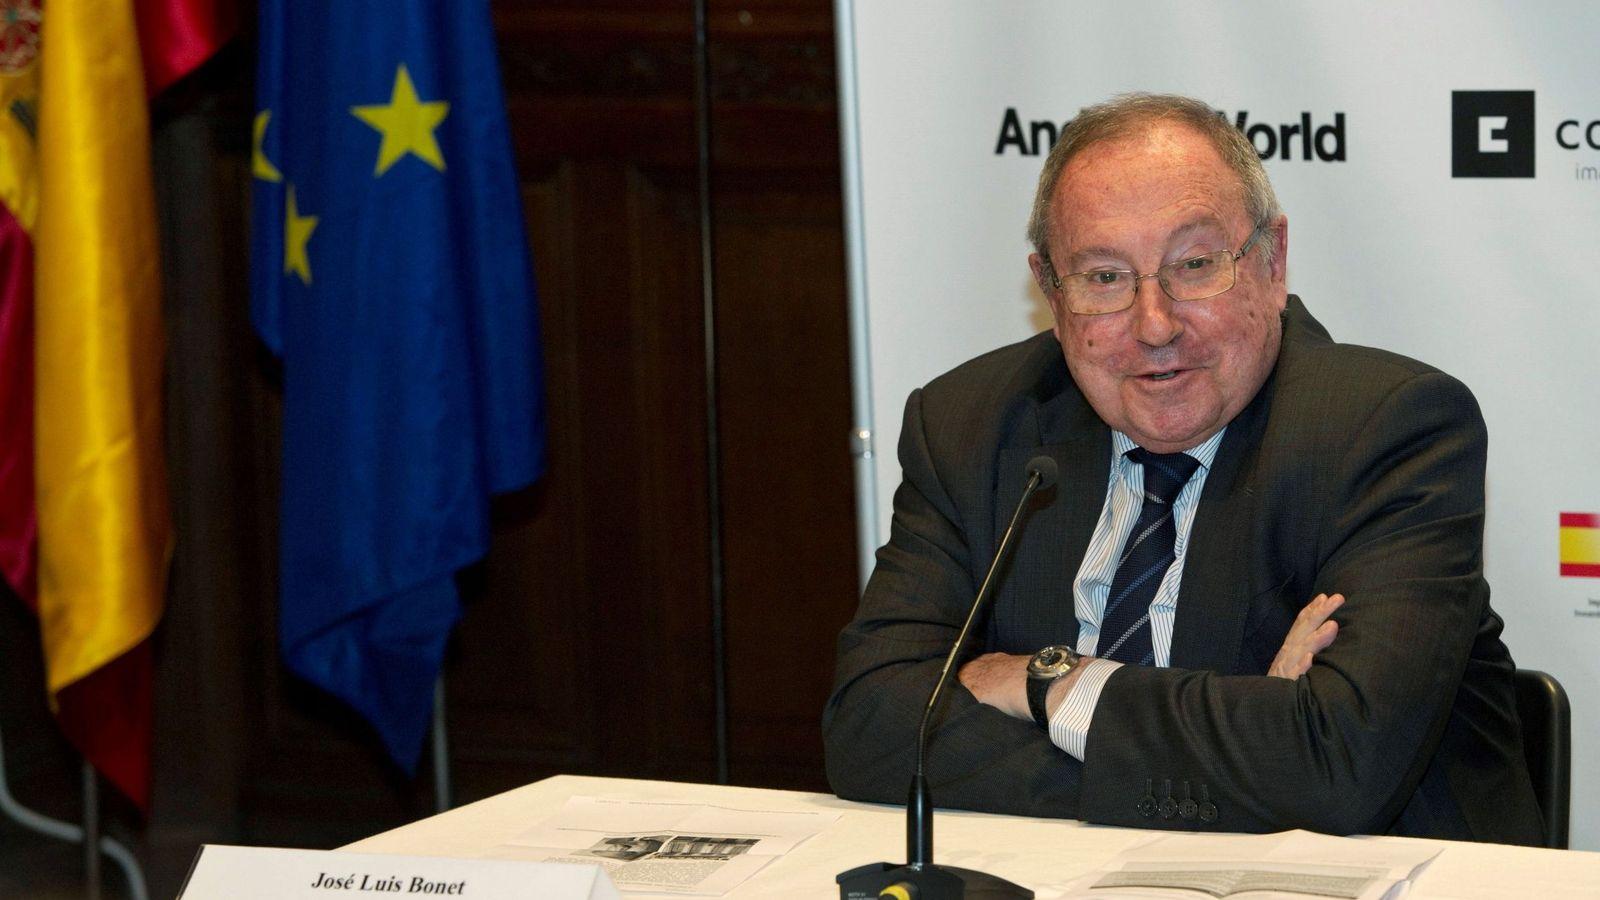 Foto: El presidente de Freixenet, de la Cámara de Comercio de España y del Foro de Marcas Renombradas Españolas, José Luis Bonet (i), durante la rueda de prensa en la embajada de España en Bruselas. (EFE)